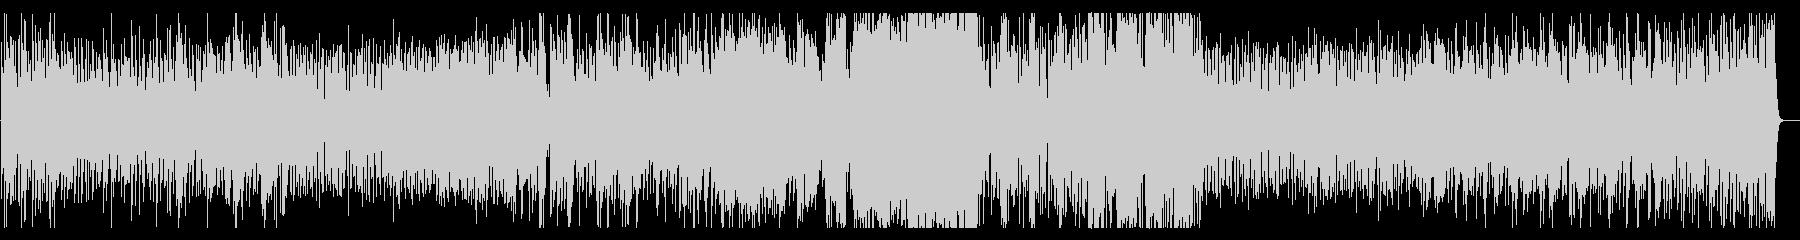 サプライズ・アタックの未再生の波形